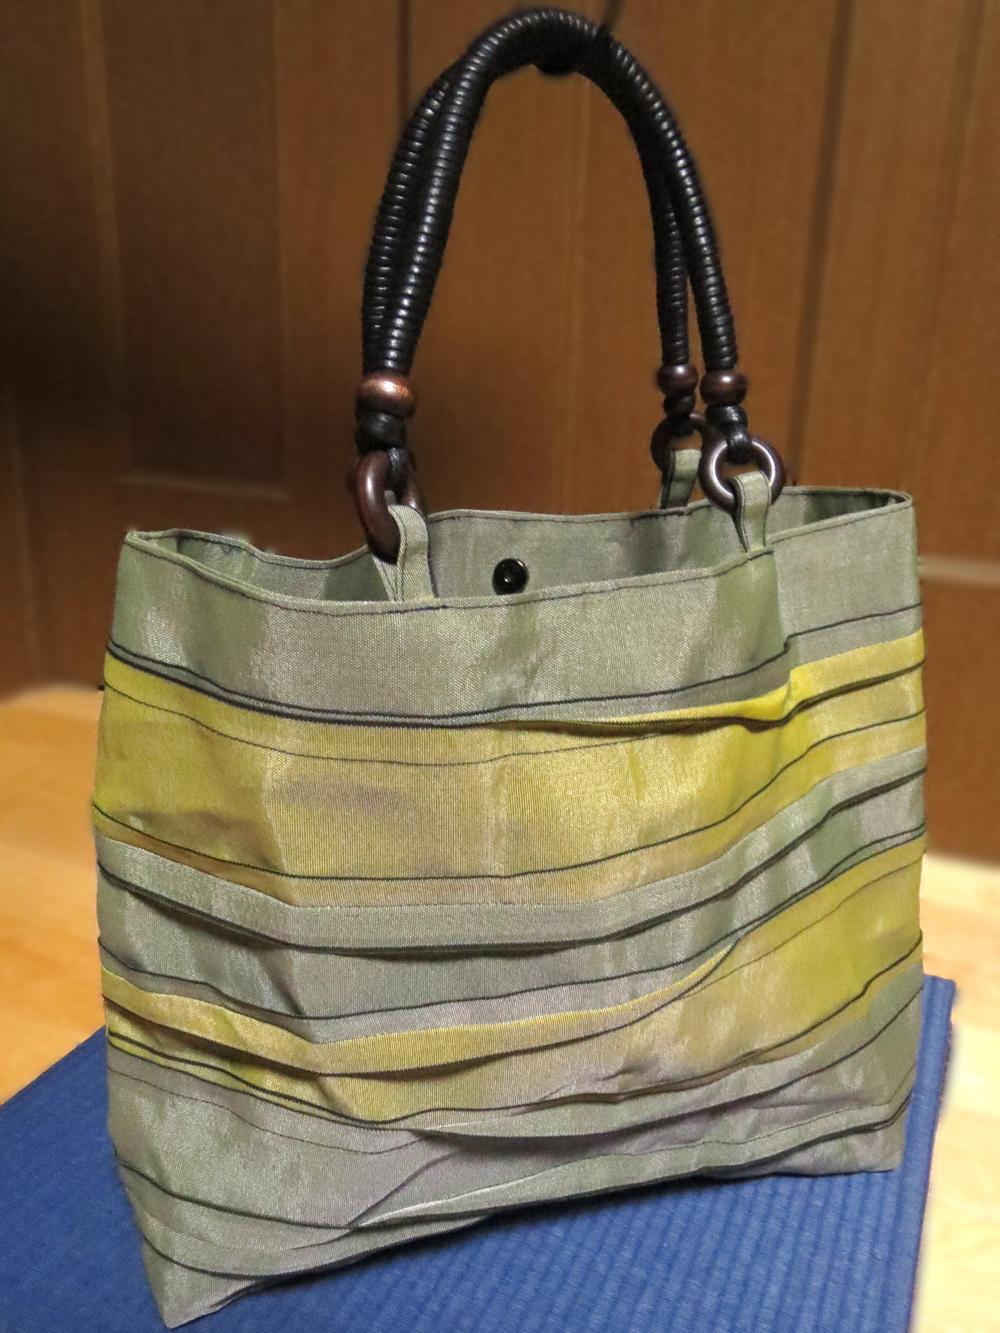 町田市玉川学園の畳屋、大沢畳店 縁(へり)で作ったバッグ(べりバッグ)